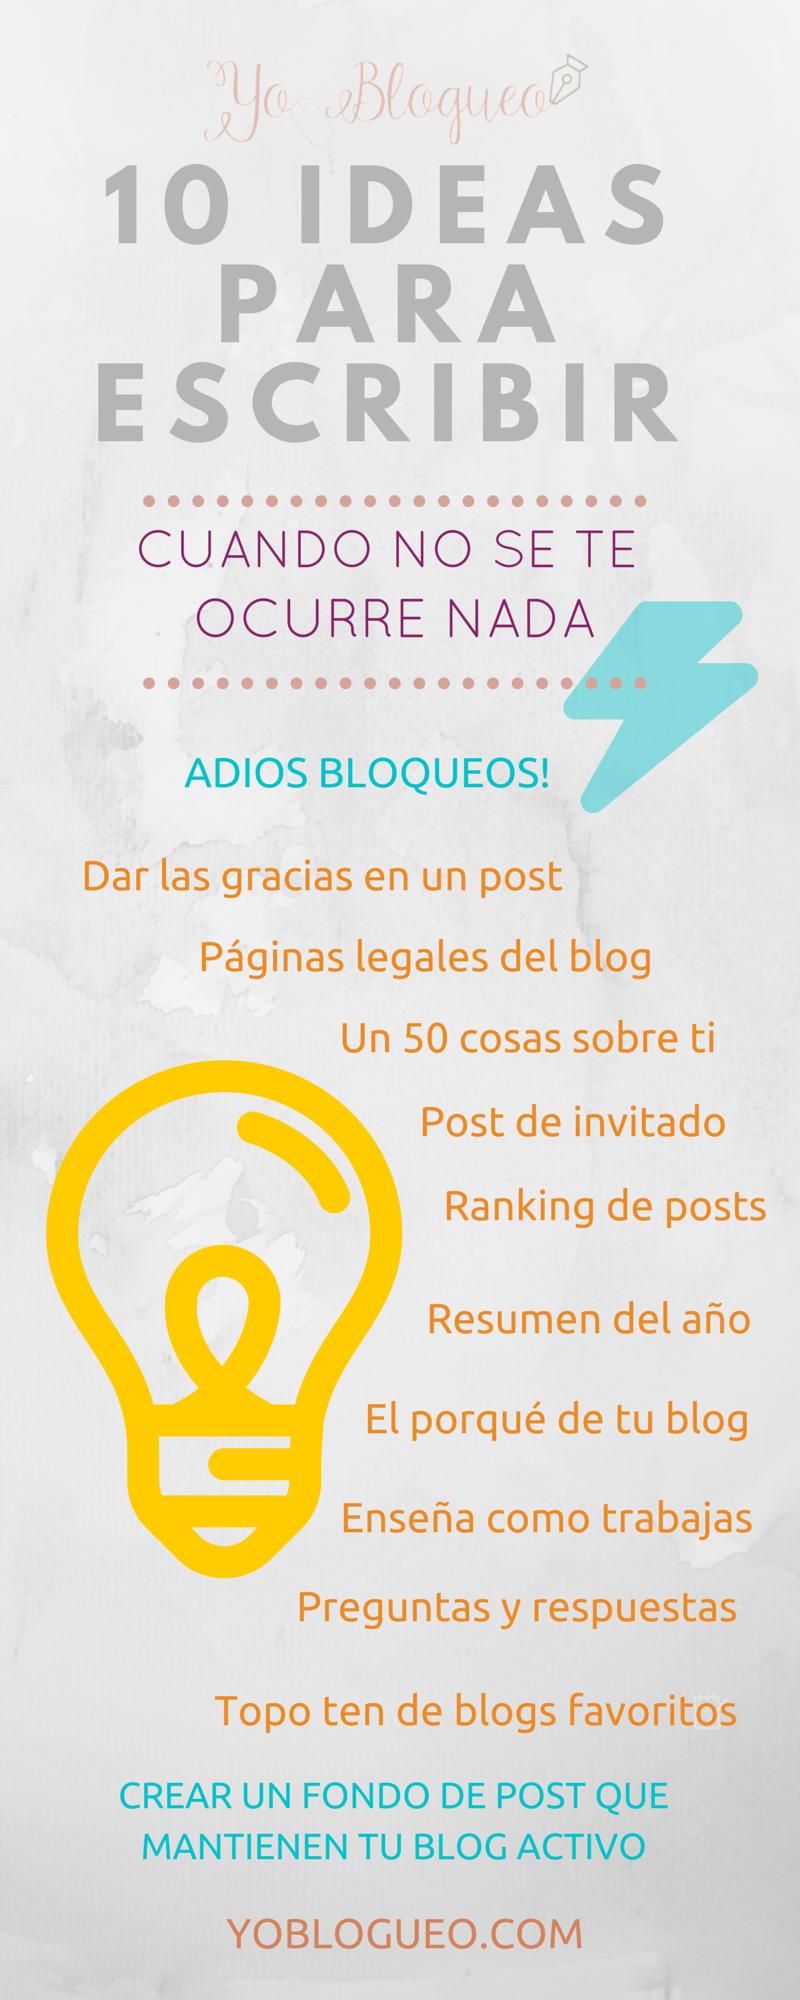 temas para escribir en tu blog.